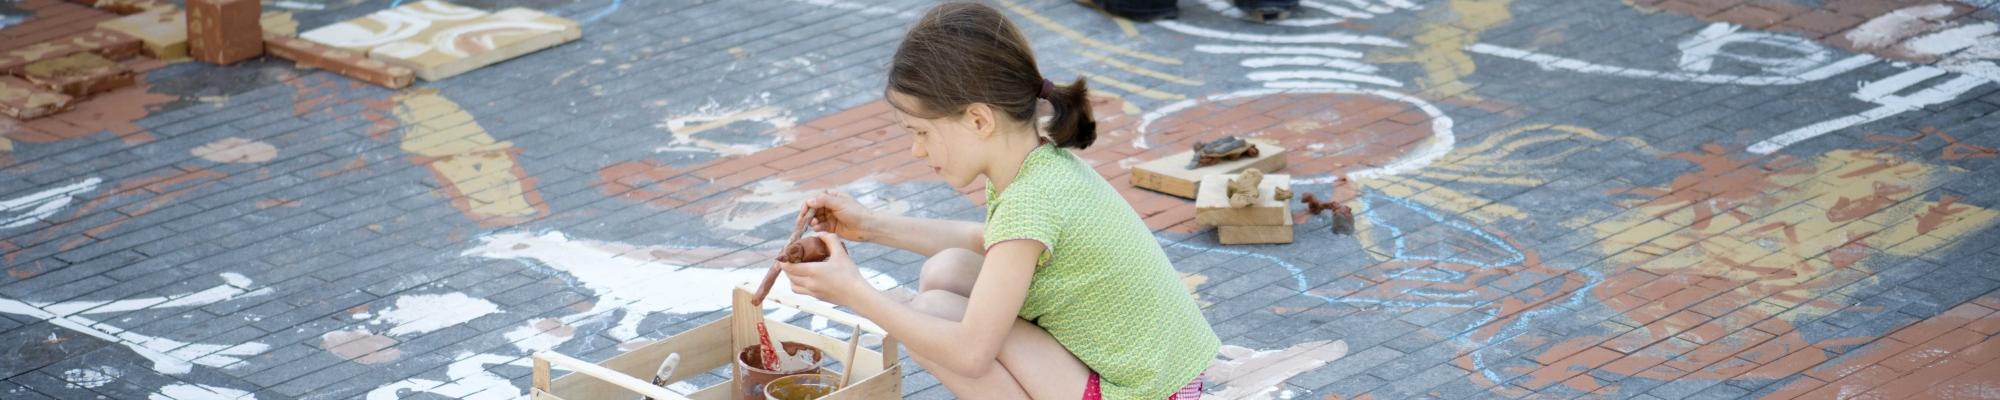 Brussel kinderen uitstap tips gezin familie activiteiten overzicht kalender